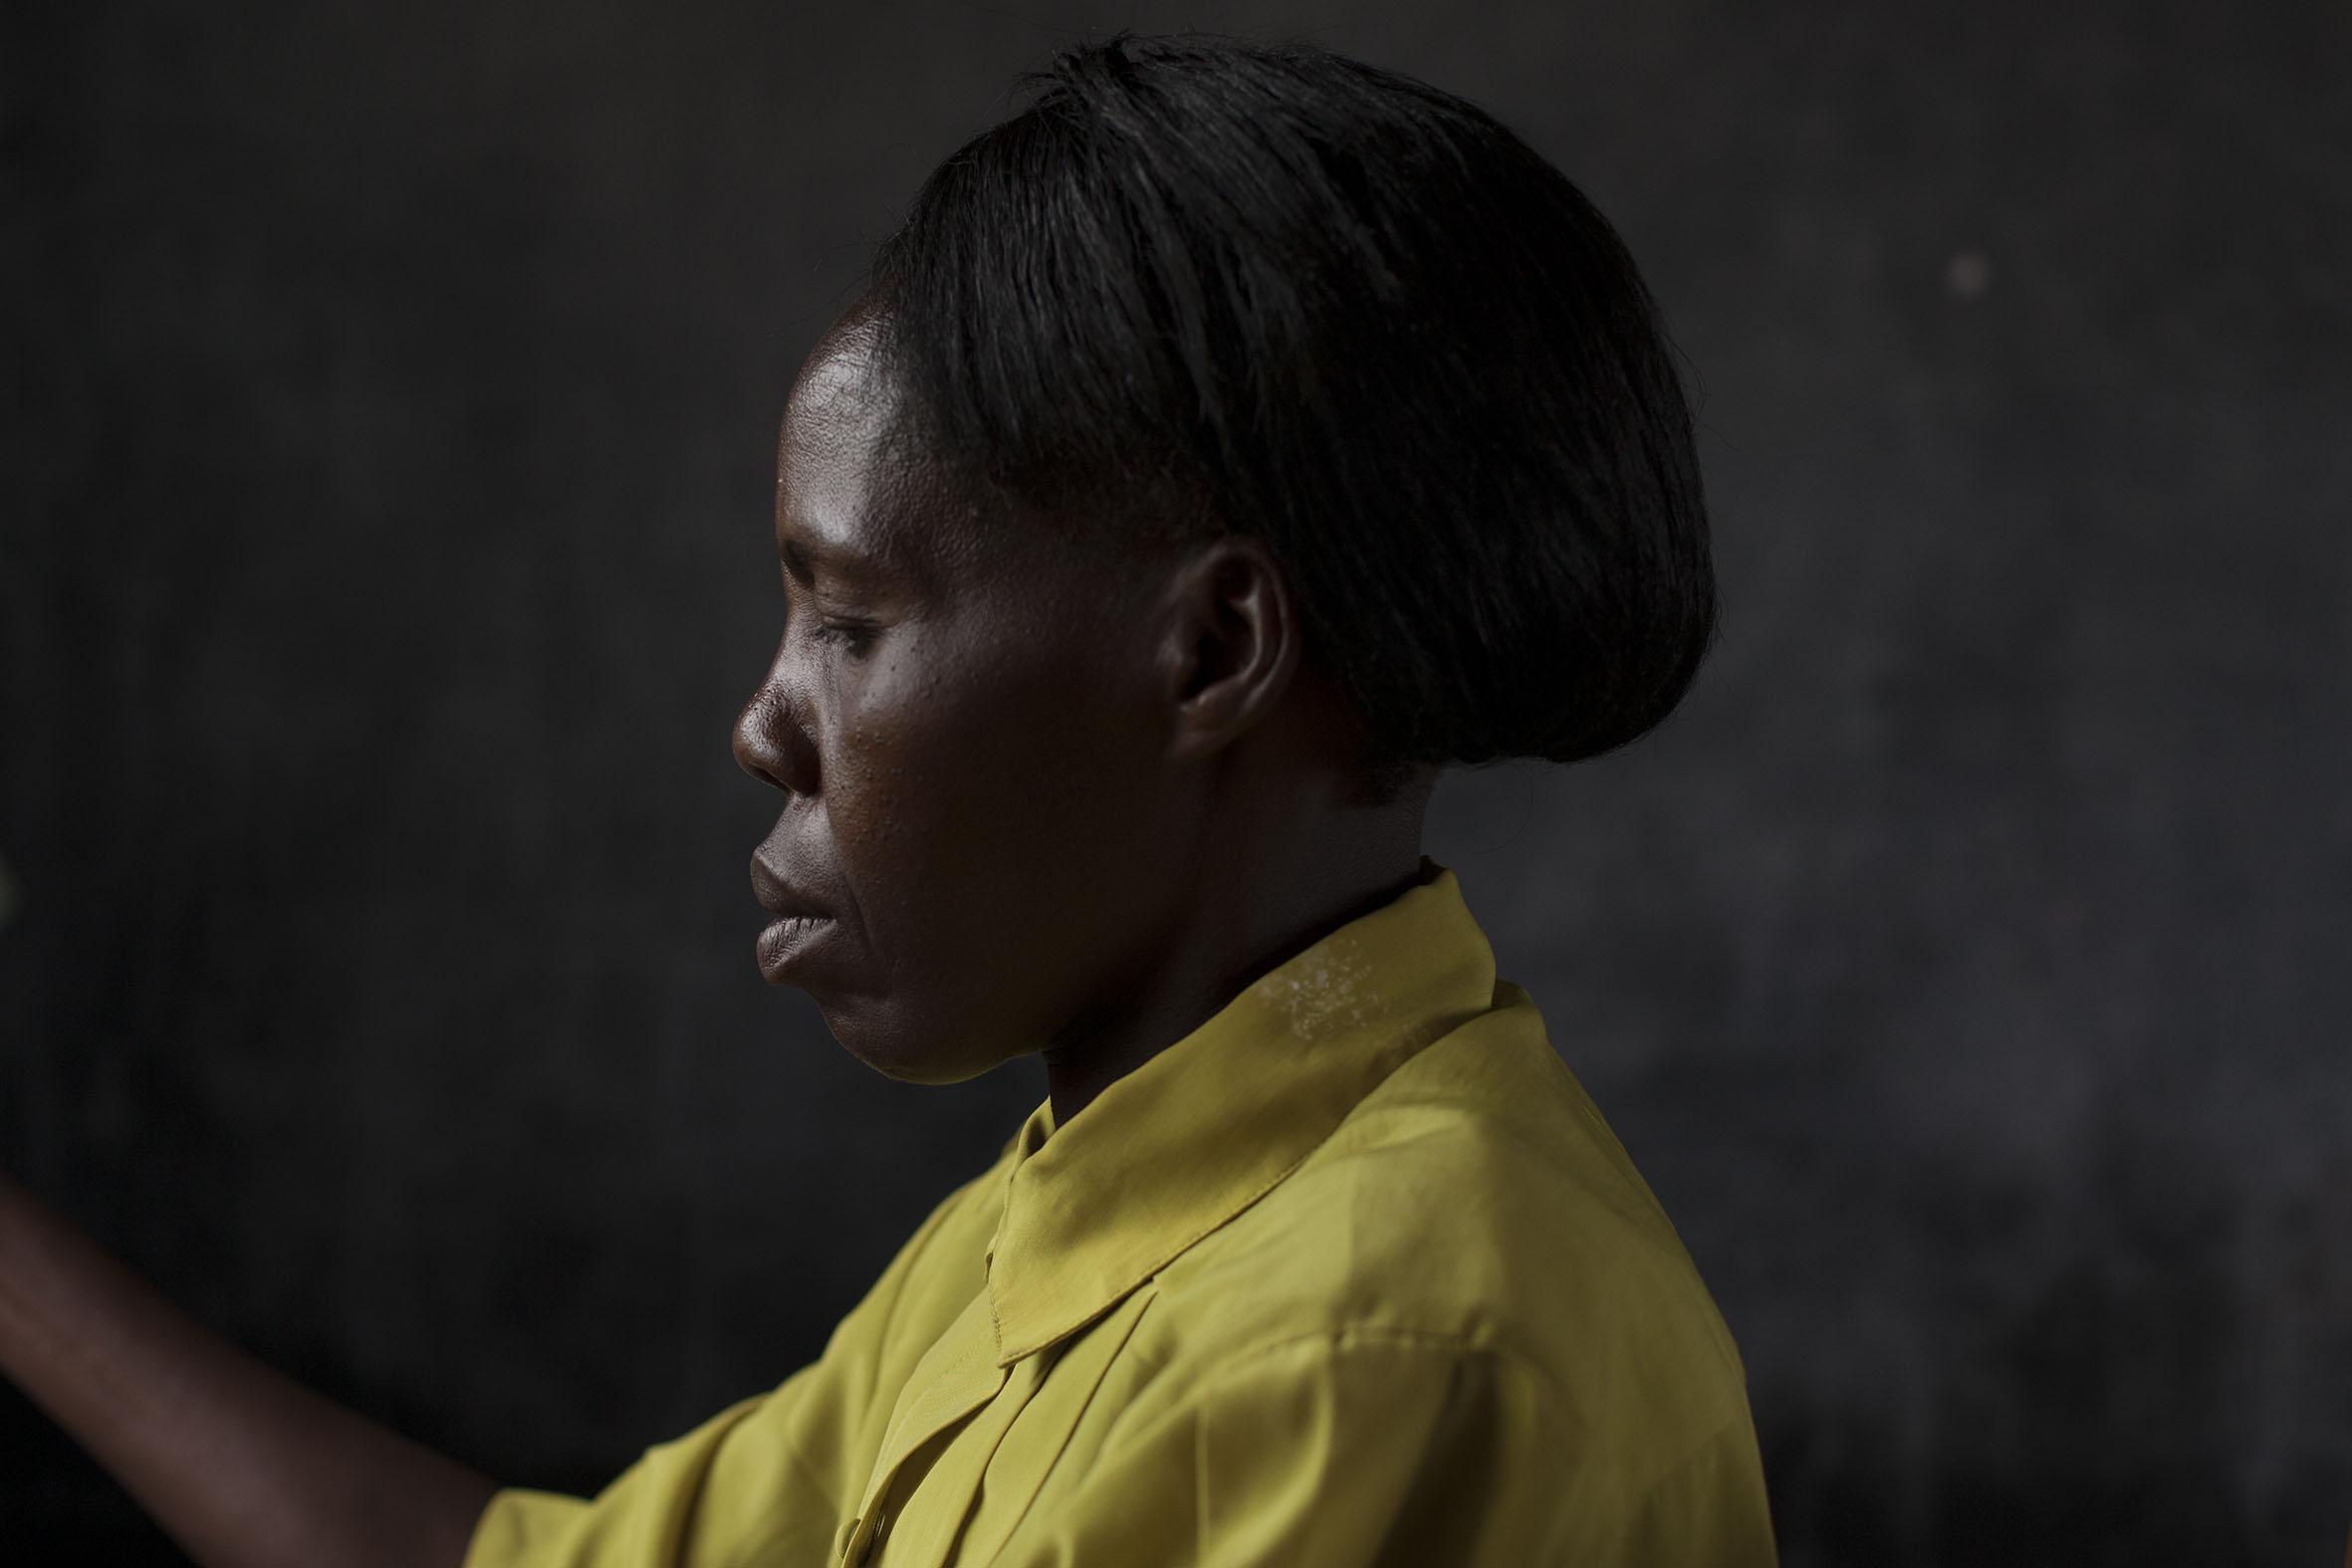 God Bless You!! (2014) - Ana Frechilla, proyecto fotográfico en Kenya